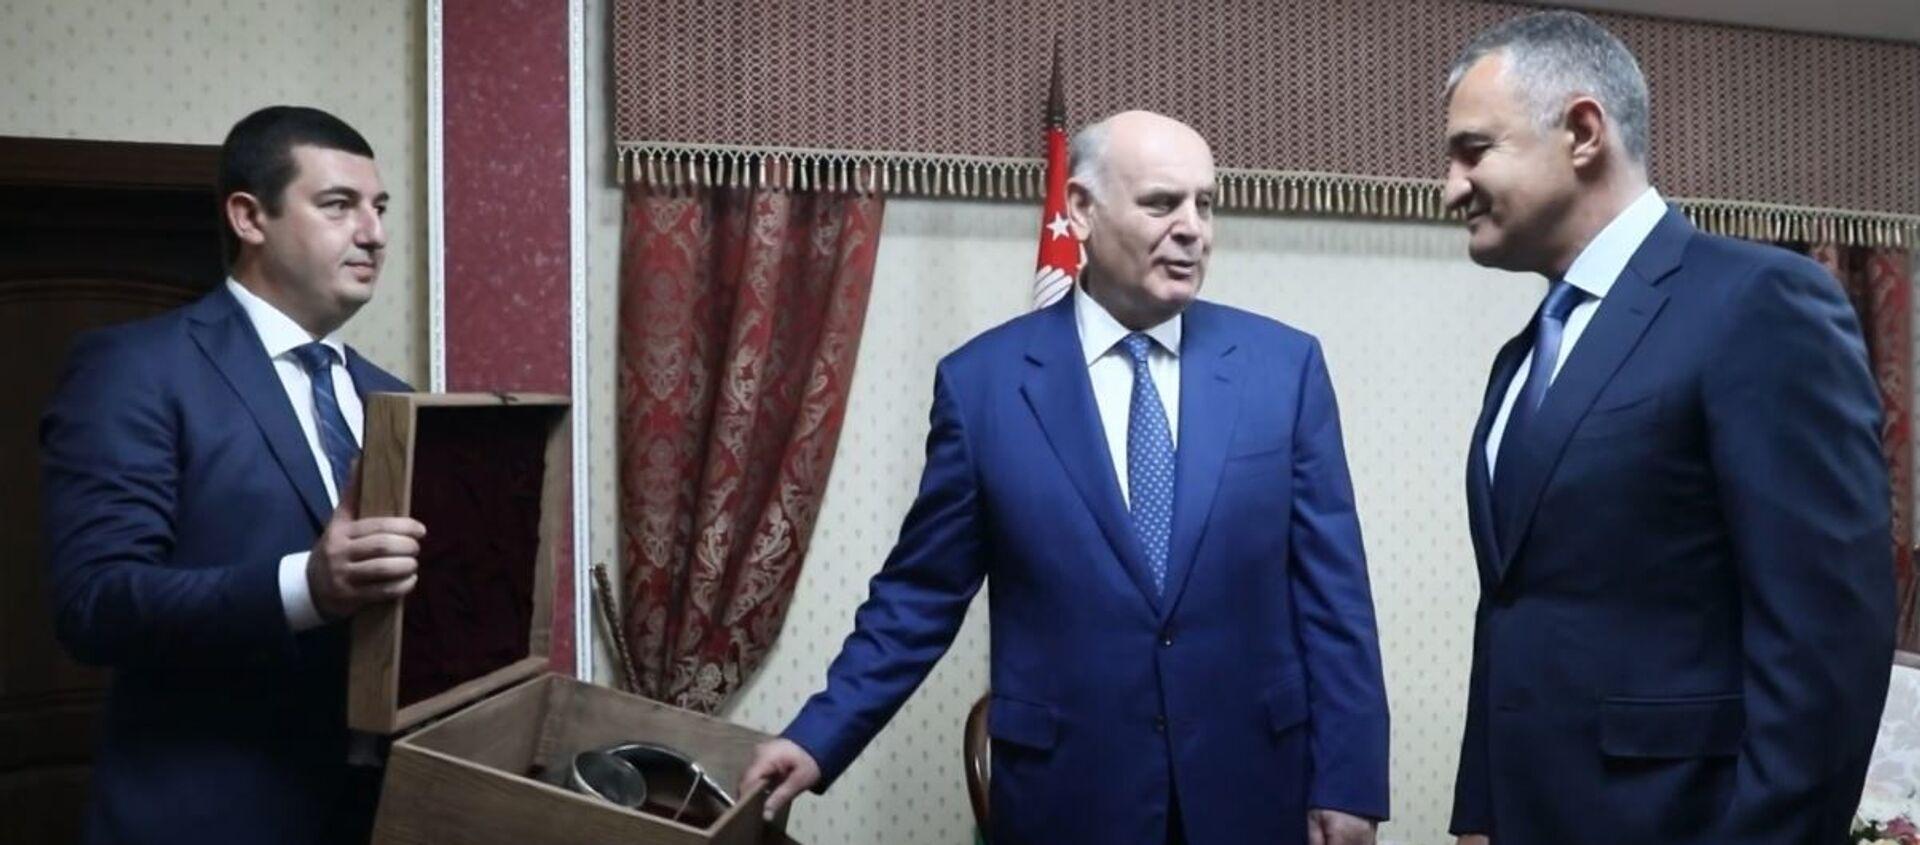 Почетный караул и переговоры: визит президента Абхазии в Южную Осетию - Sputnik Абхазия, 1920, 07.08.2021